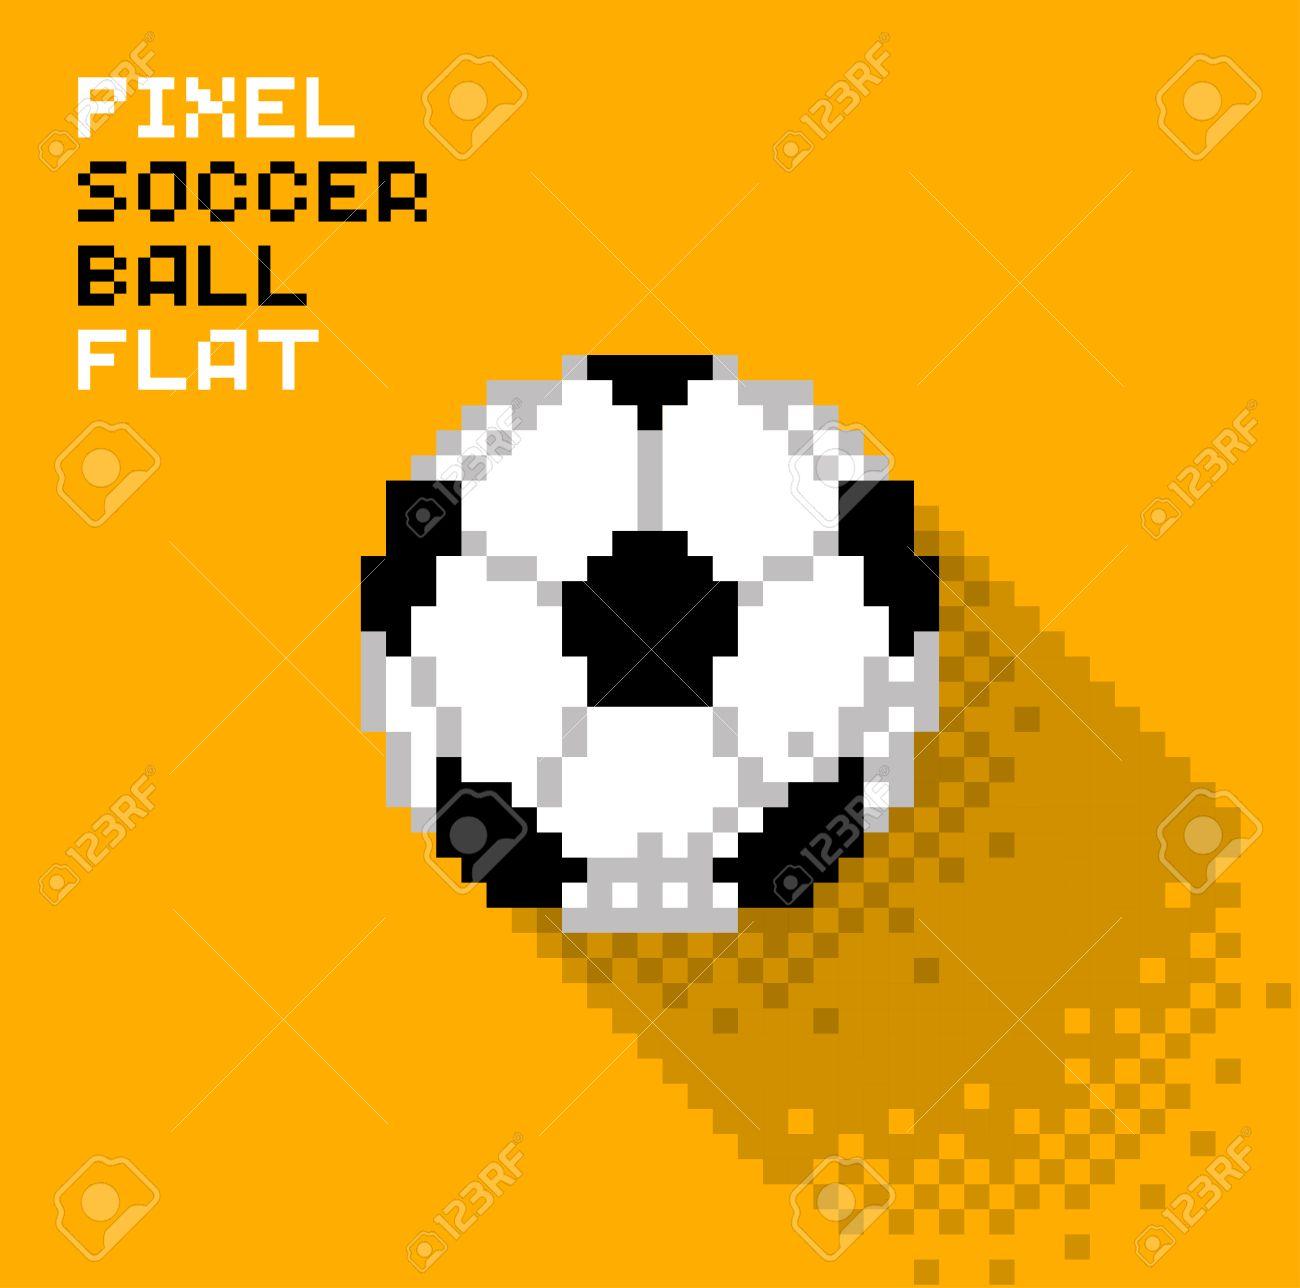 Ballon De Soccer De Pixel Dans Un Design Plat Illustration Pixellisée Illustration Vectorielle